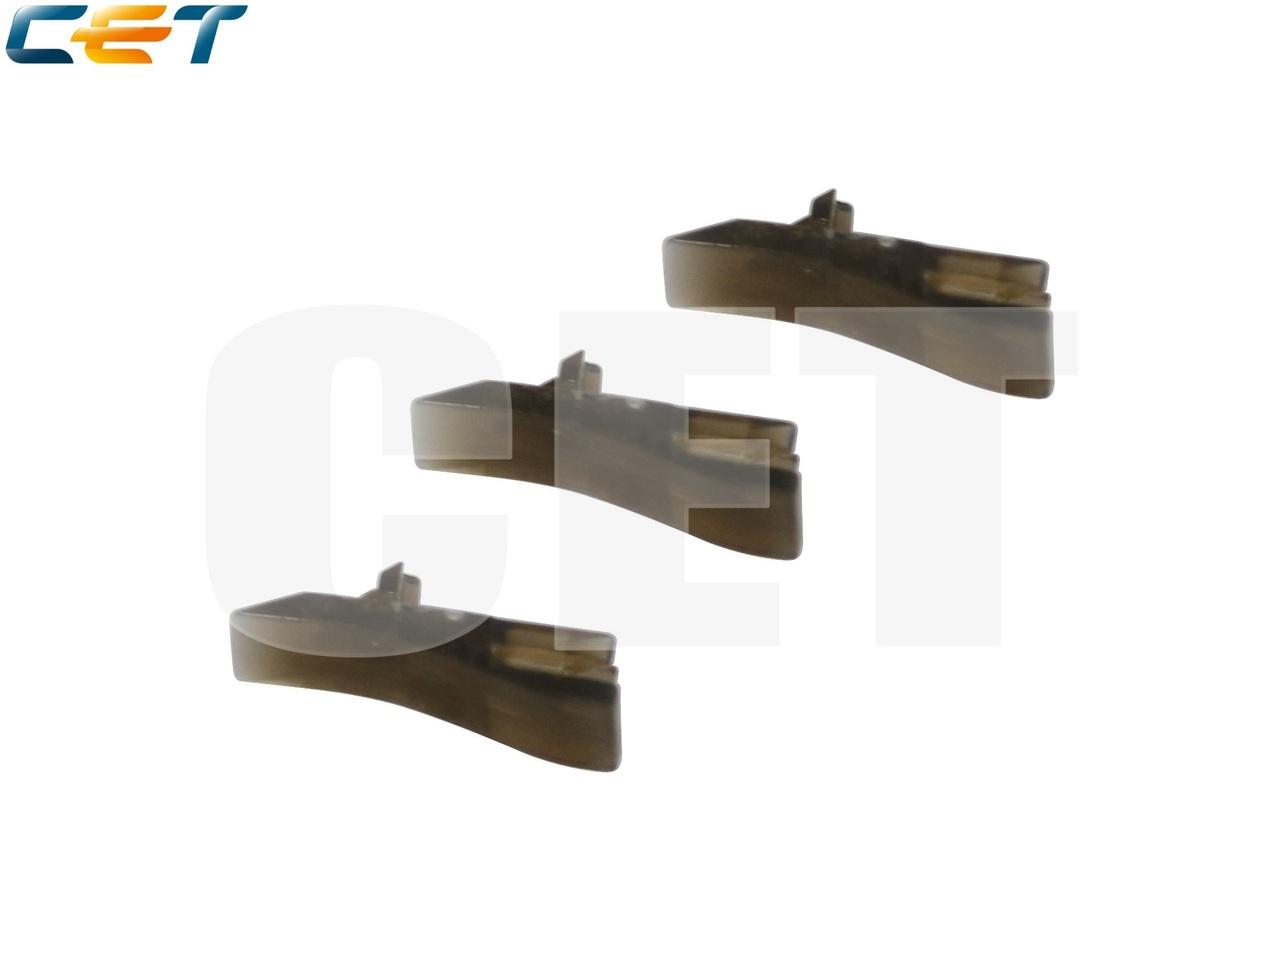 Крышка сепаратора прижимного вала для KONICA MINOLTABizhub 654/754/C654/C754 (CET), CET7170